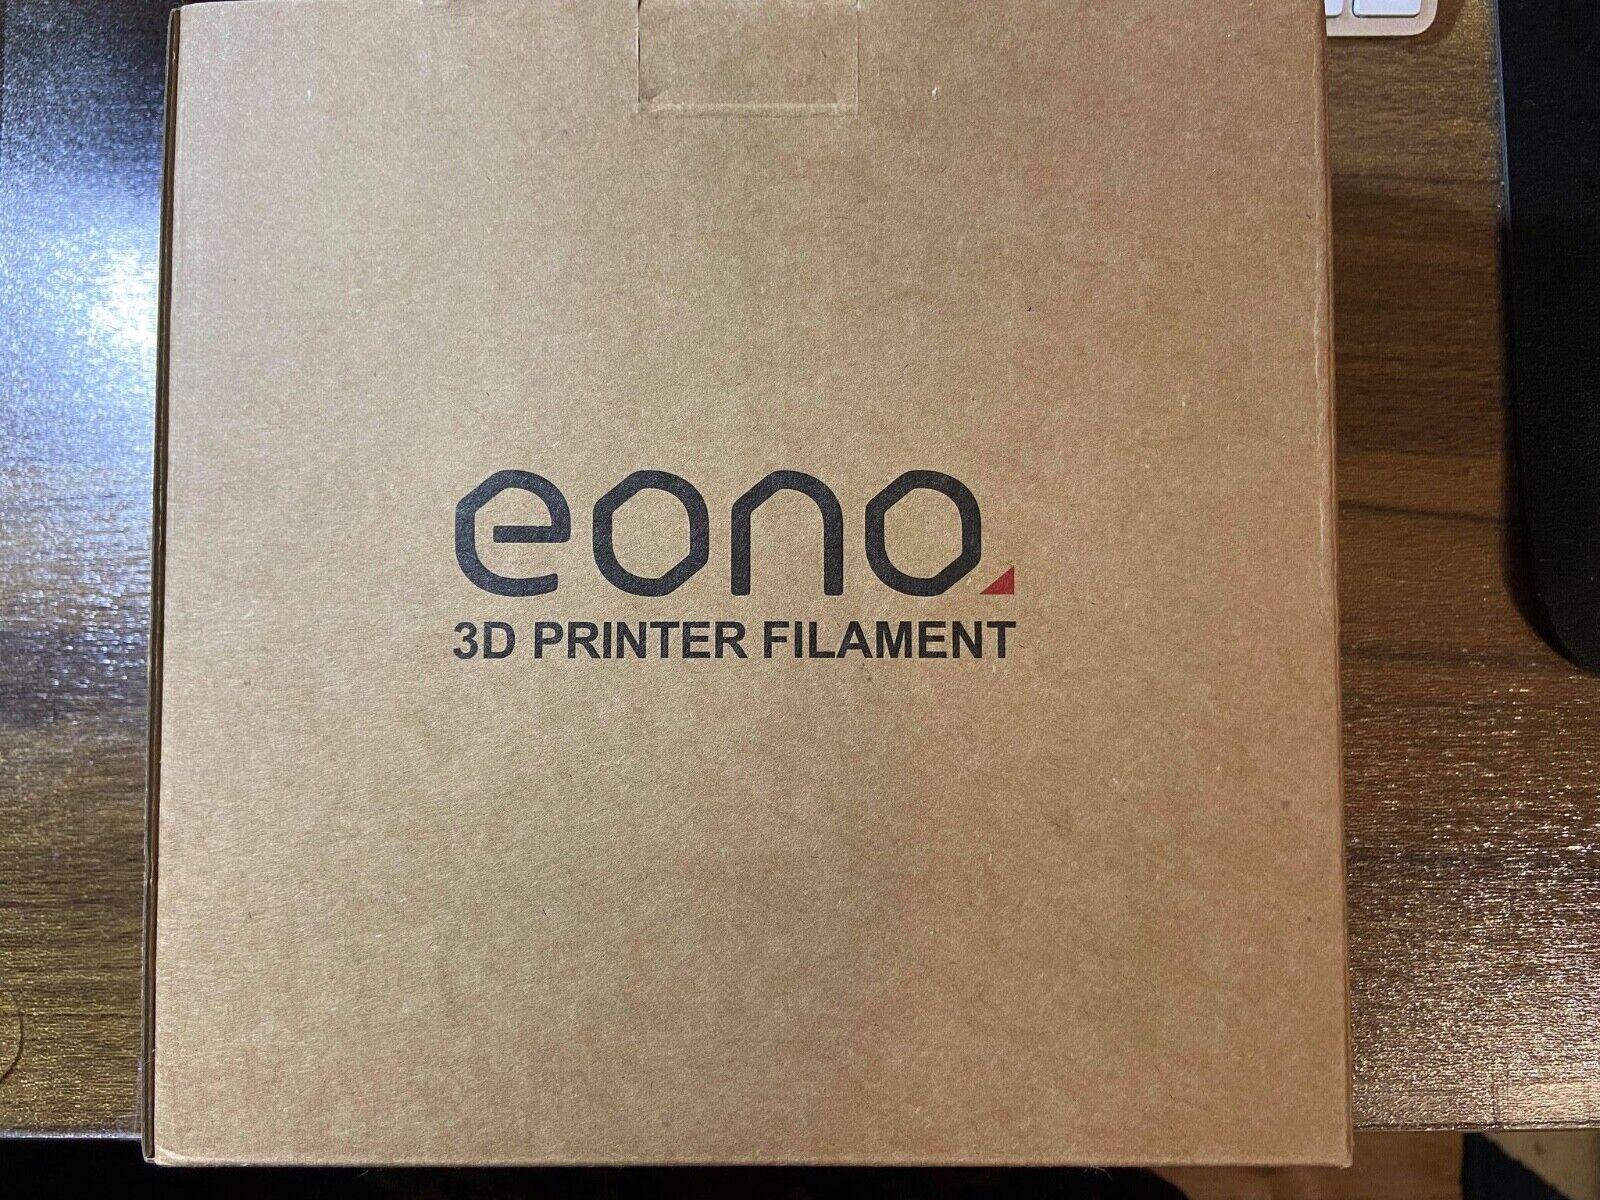 Eono PETG Black Tangle Free 3D Printing Filament, 1KG 1.75mm ,New boxed.